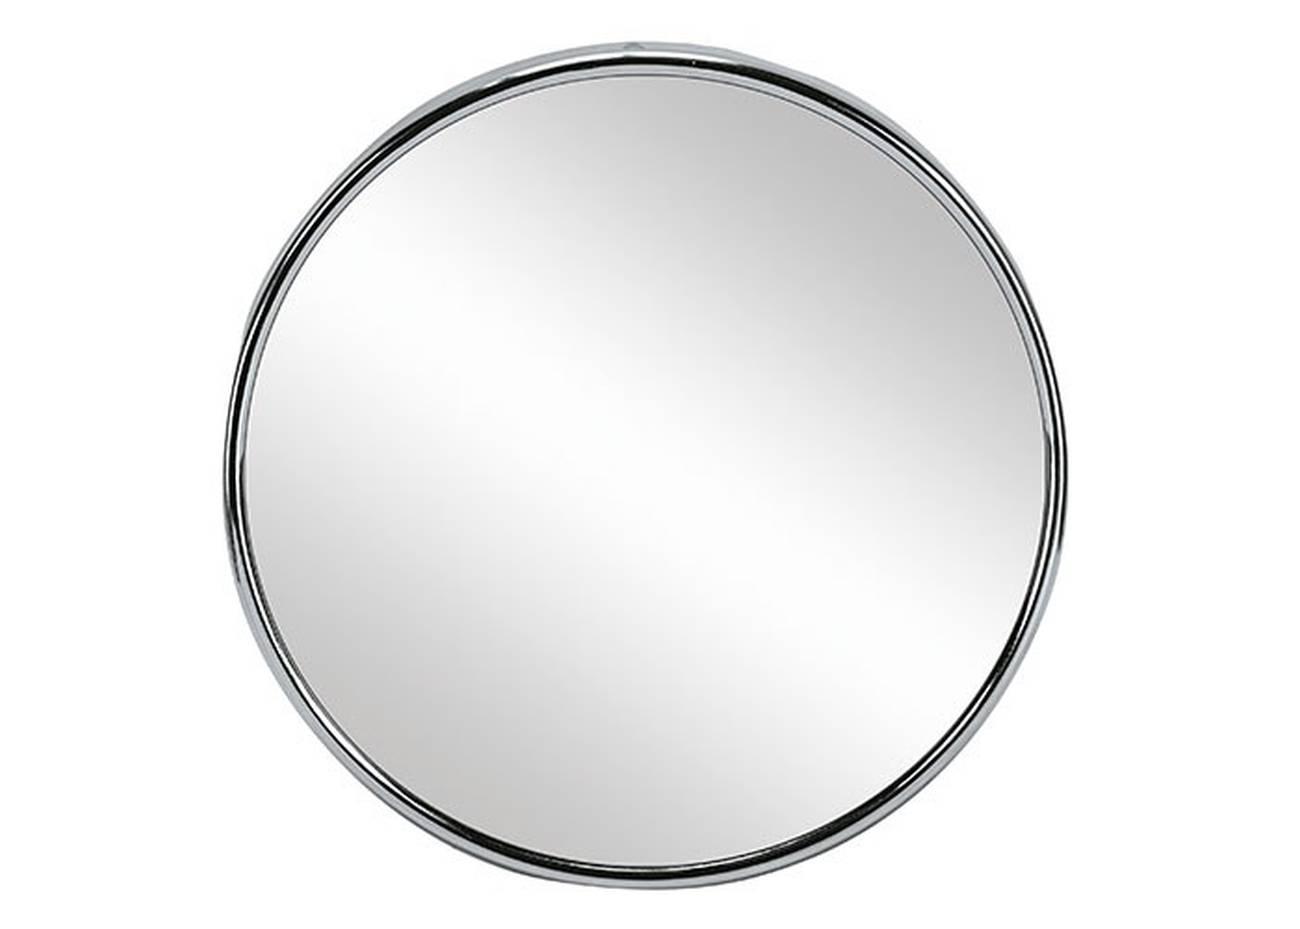 Kosmetikspiegel Blade Mirror Edelstahl/Glas Silber Spiegel